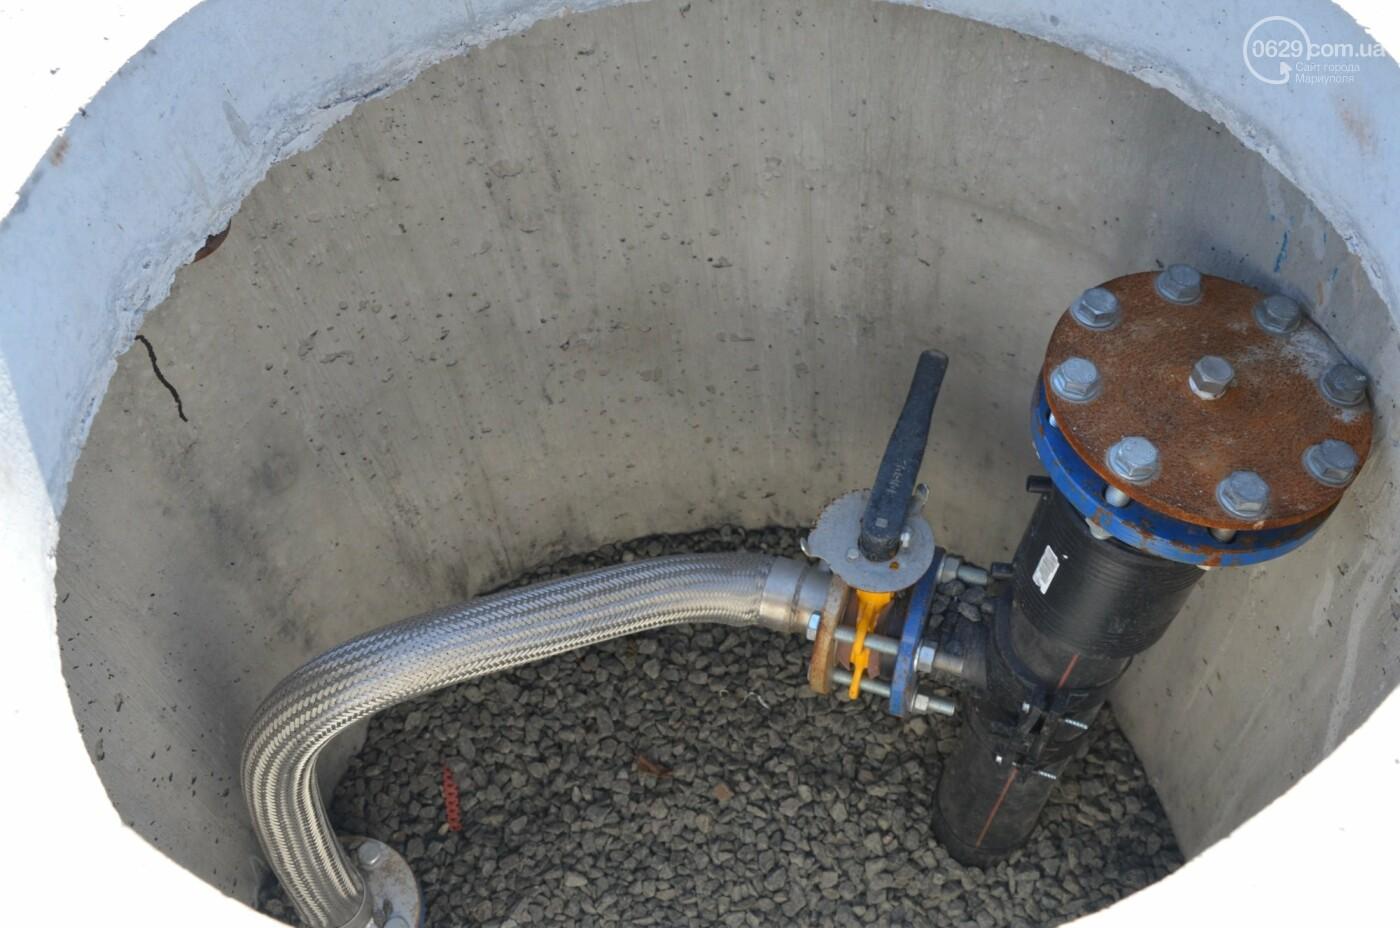 Как в Мариуполе свалочный полигон готовится стать «электростанцией», - ФОТОРЕПОРТАЖ, фото-3